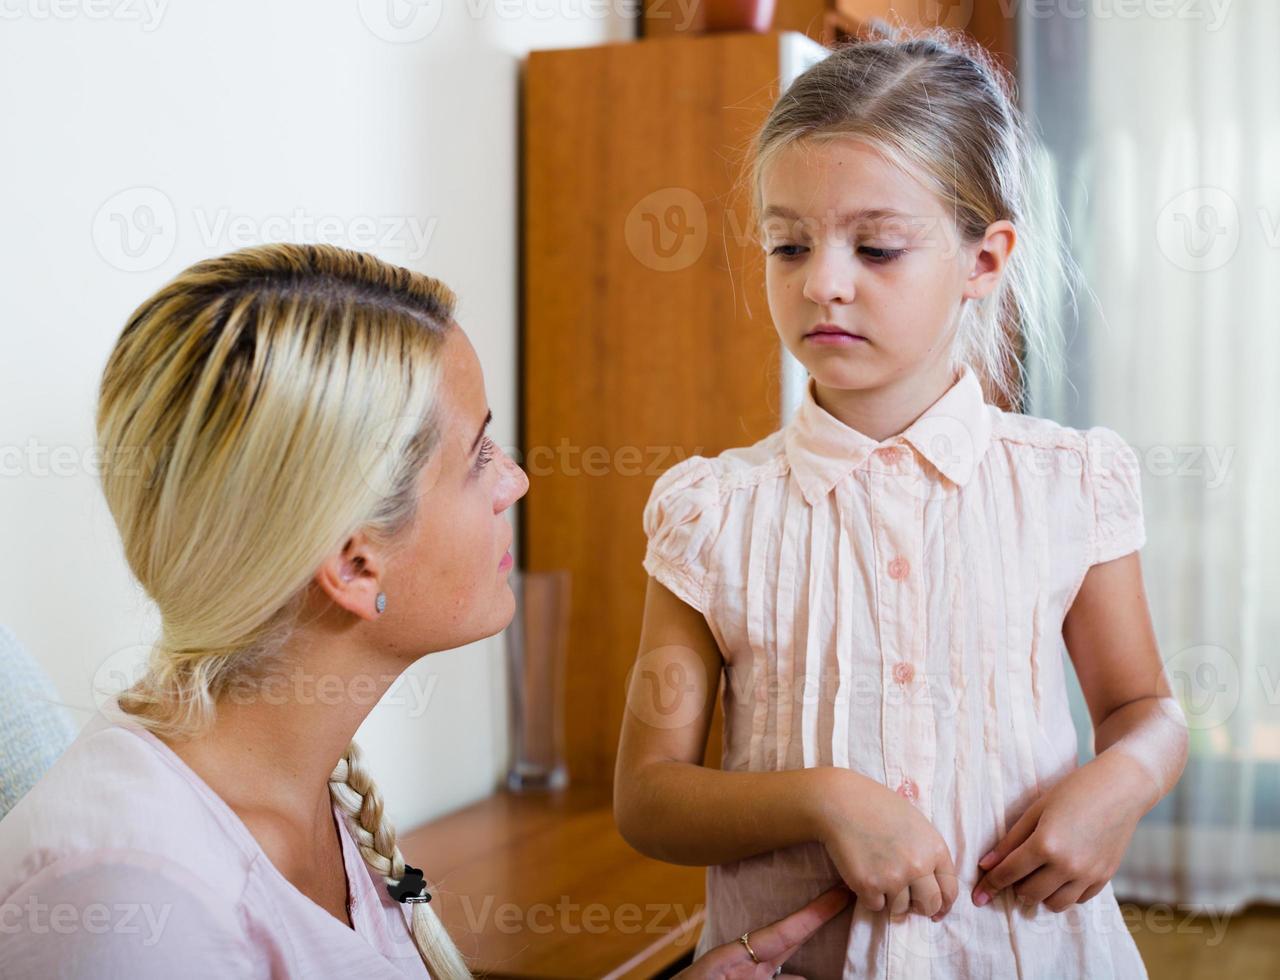 ziek meisje met pijn in de maag en bezorgde moeder binnenshuis foto